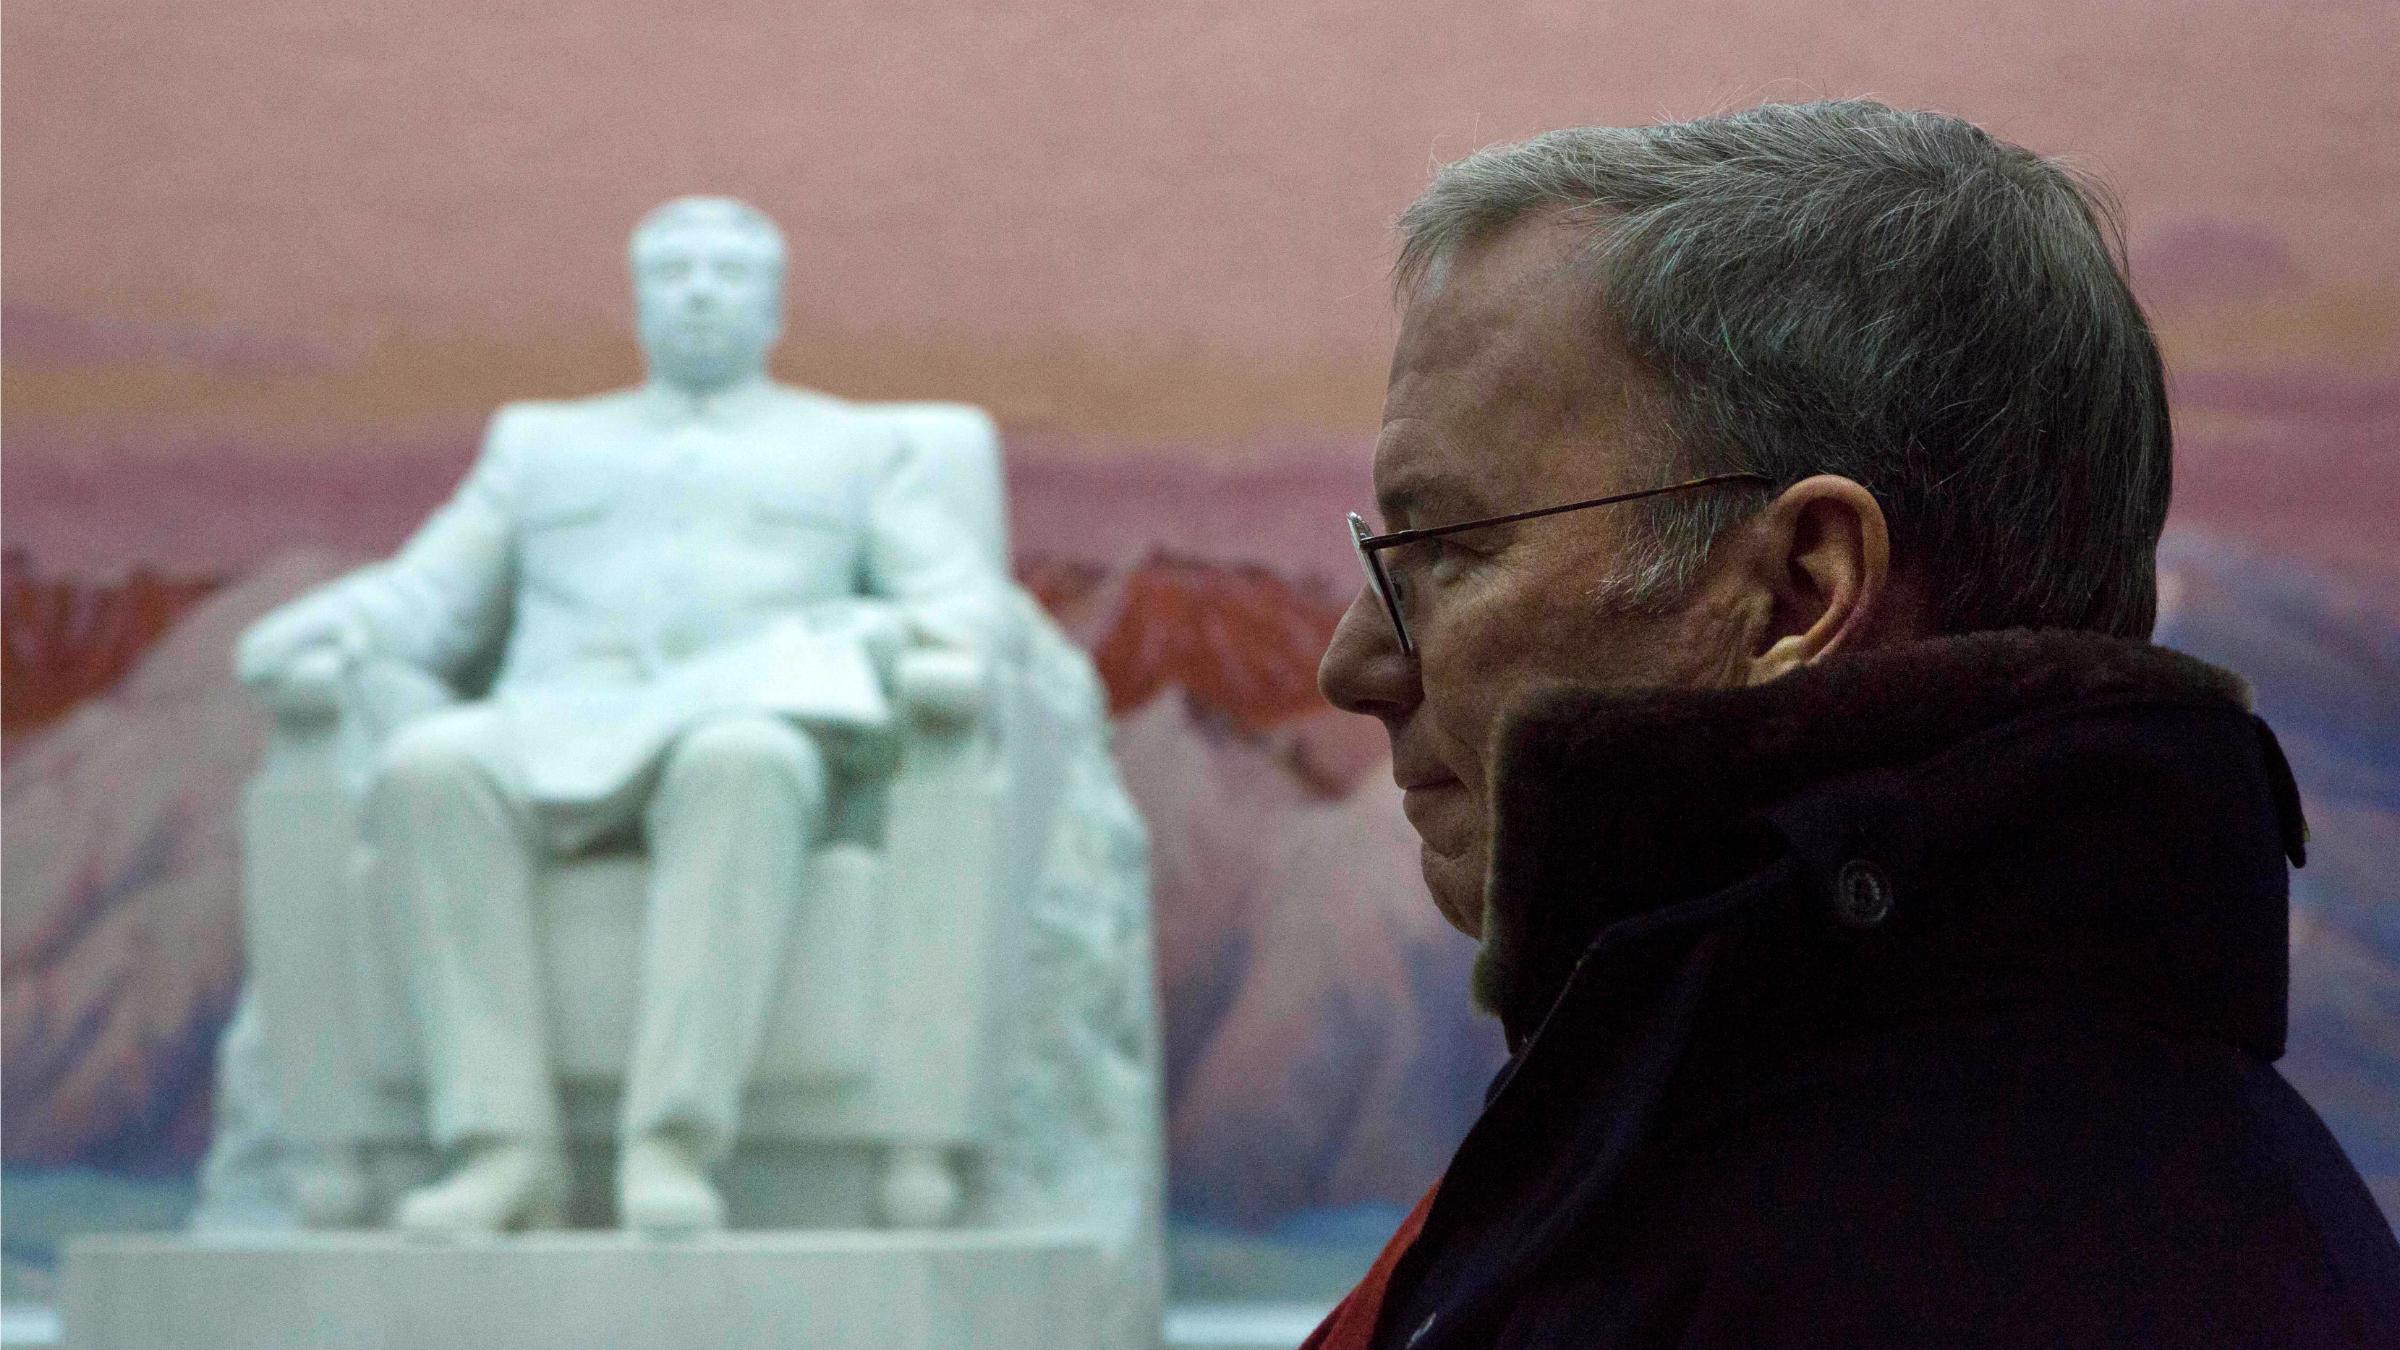 Eric Schmidt in North Korea